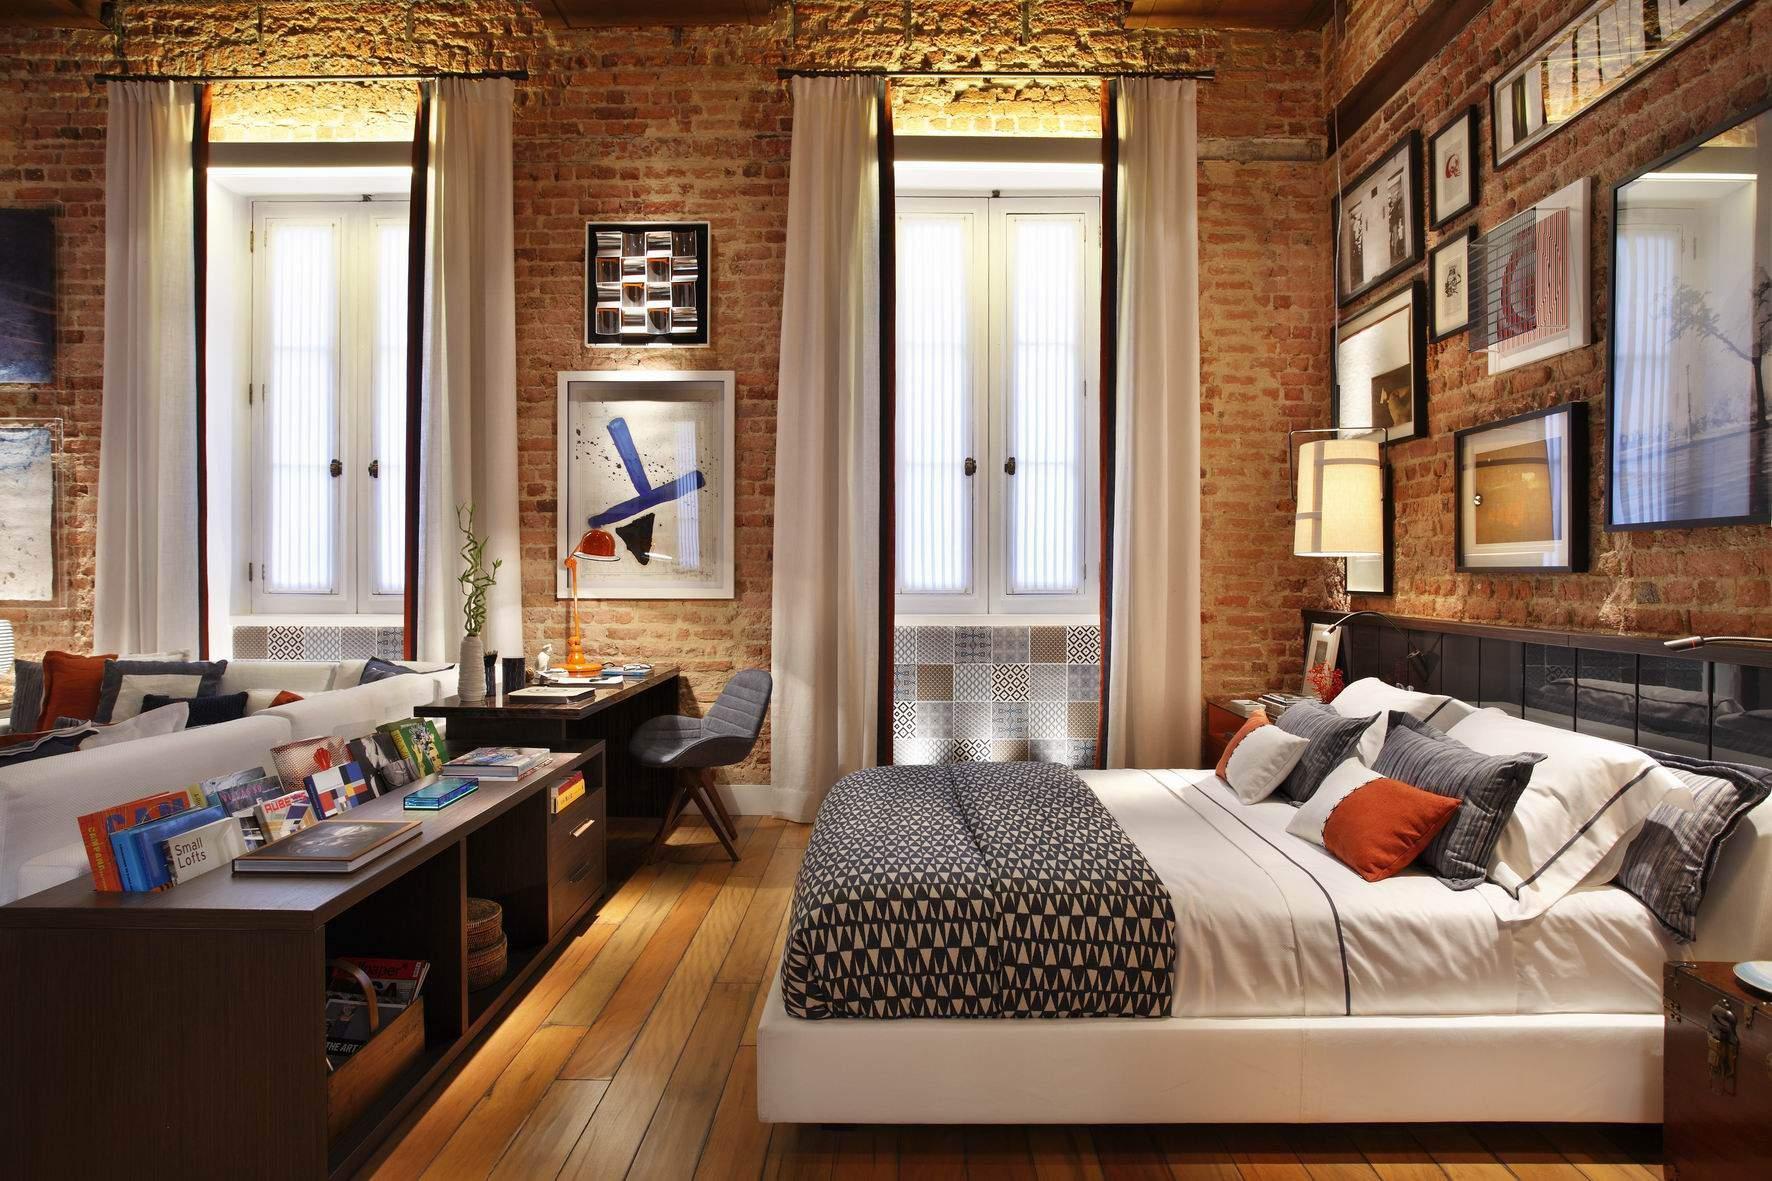 thiết kế chung cư 45m2, thiết kế nội thất chung cư 45m2 cho phòng ngủ ấm áp